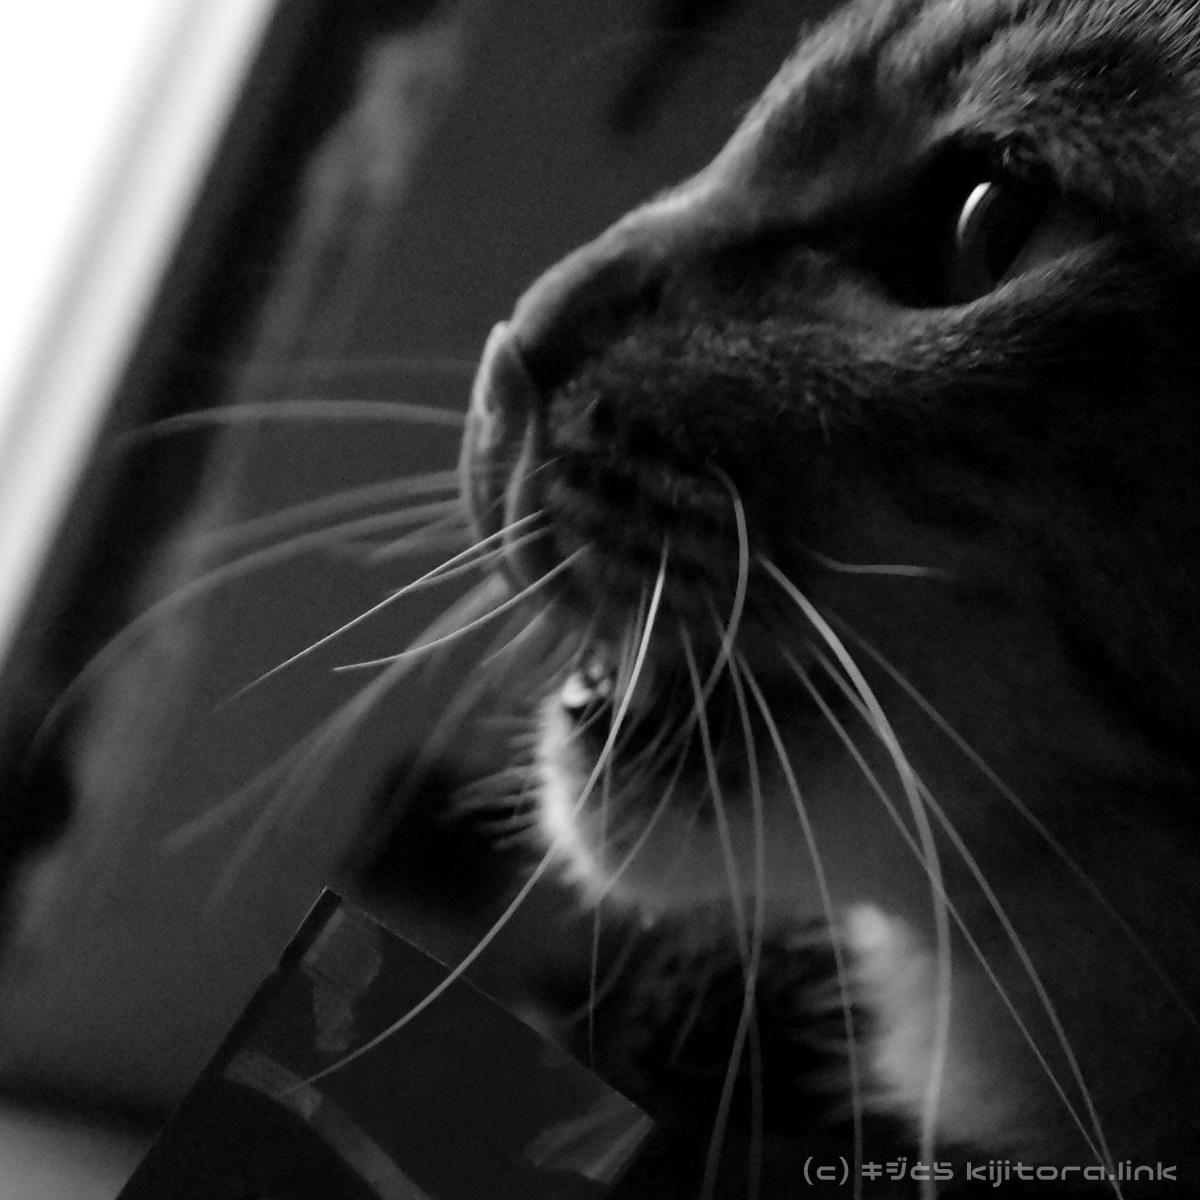 玄関のドアを開けると、そこは猫まみれだった!なYouTube動画